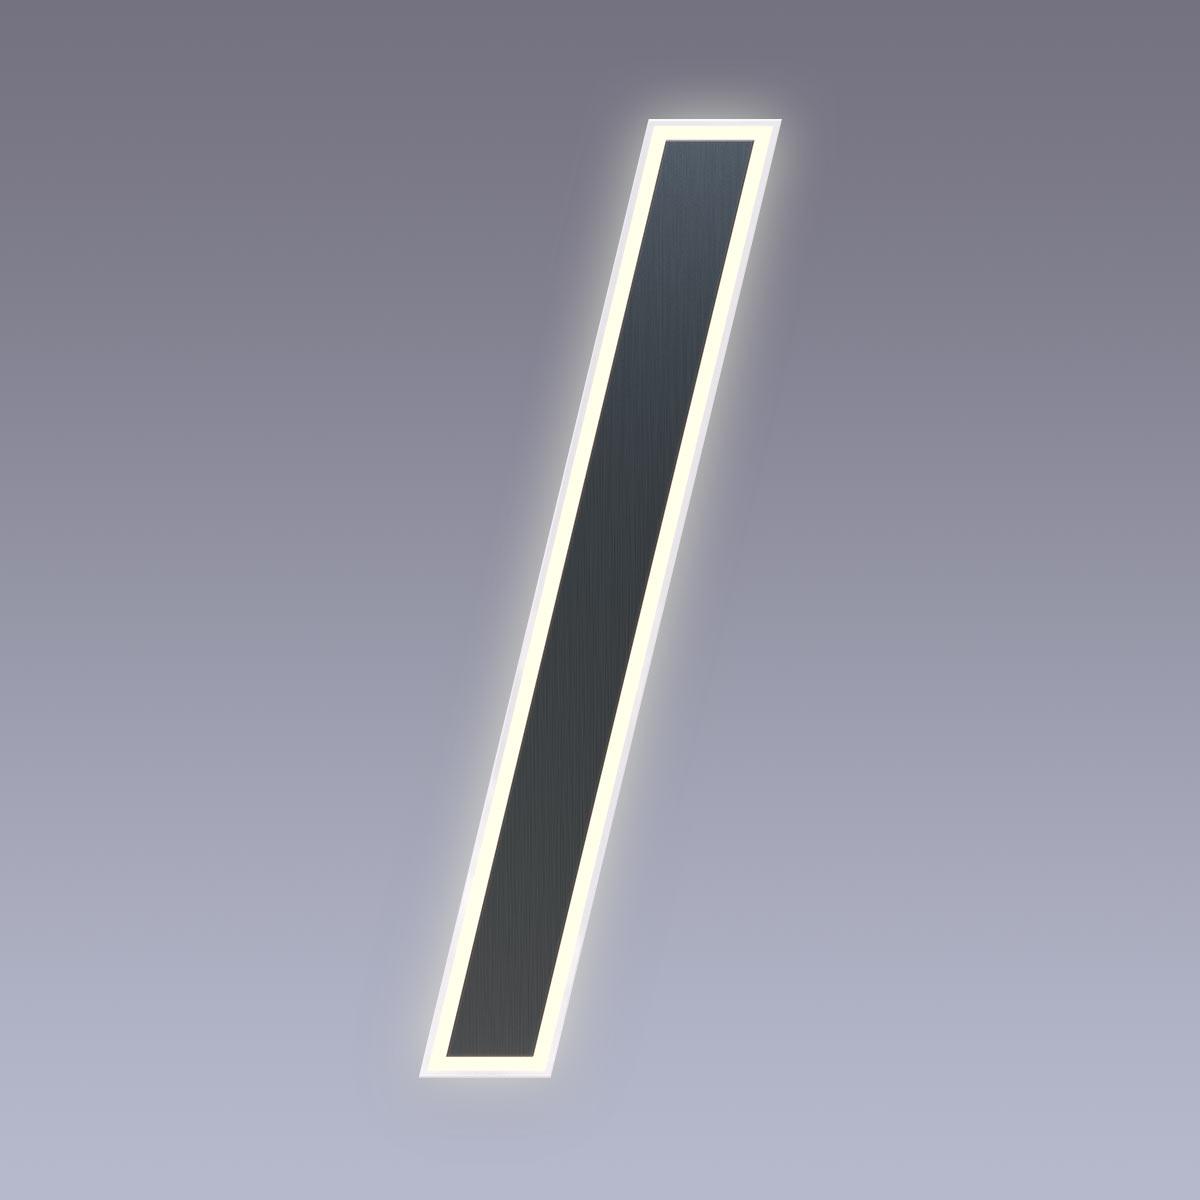 Cover für 15cm Hausnummer / Querstrich Edelstahl anthrazit RAL7016 Arial selbstklebend